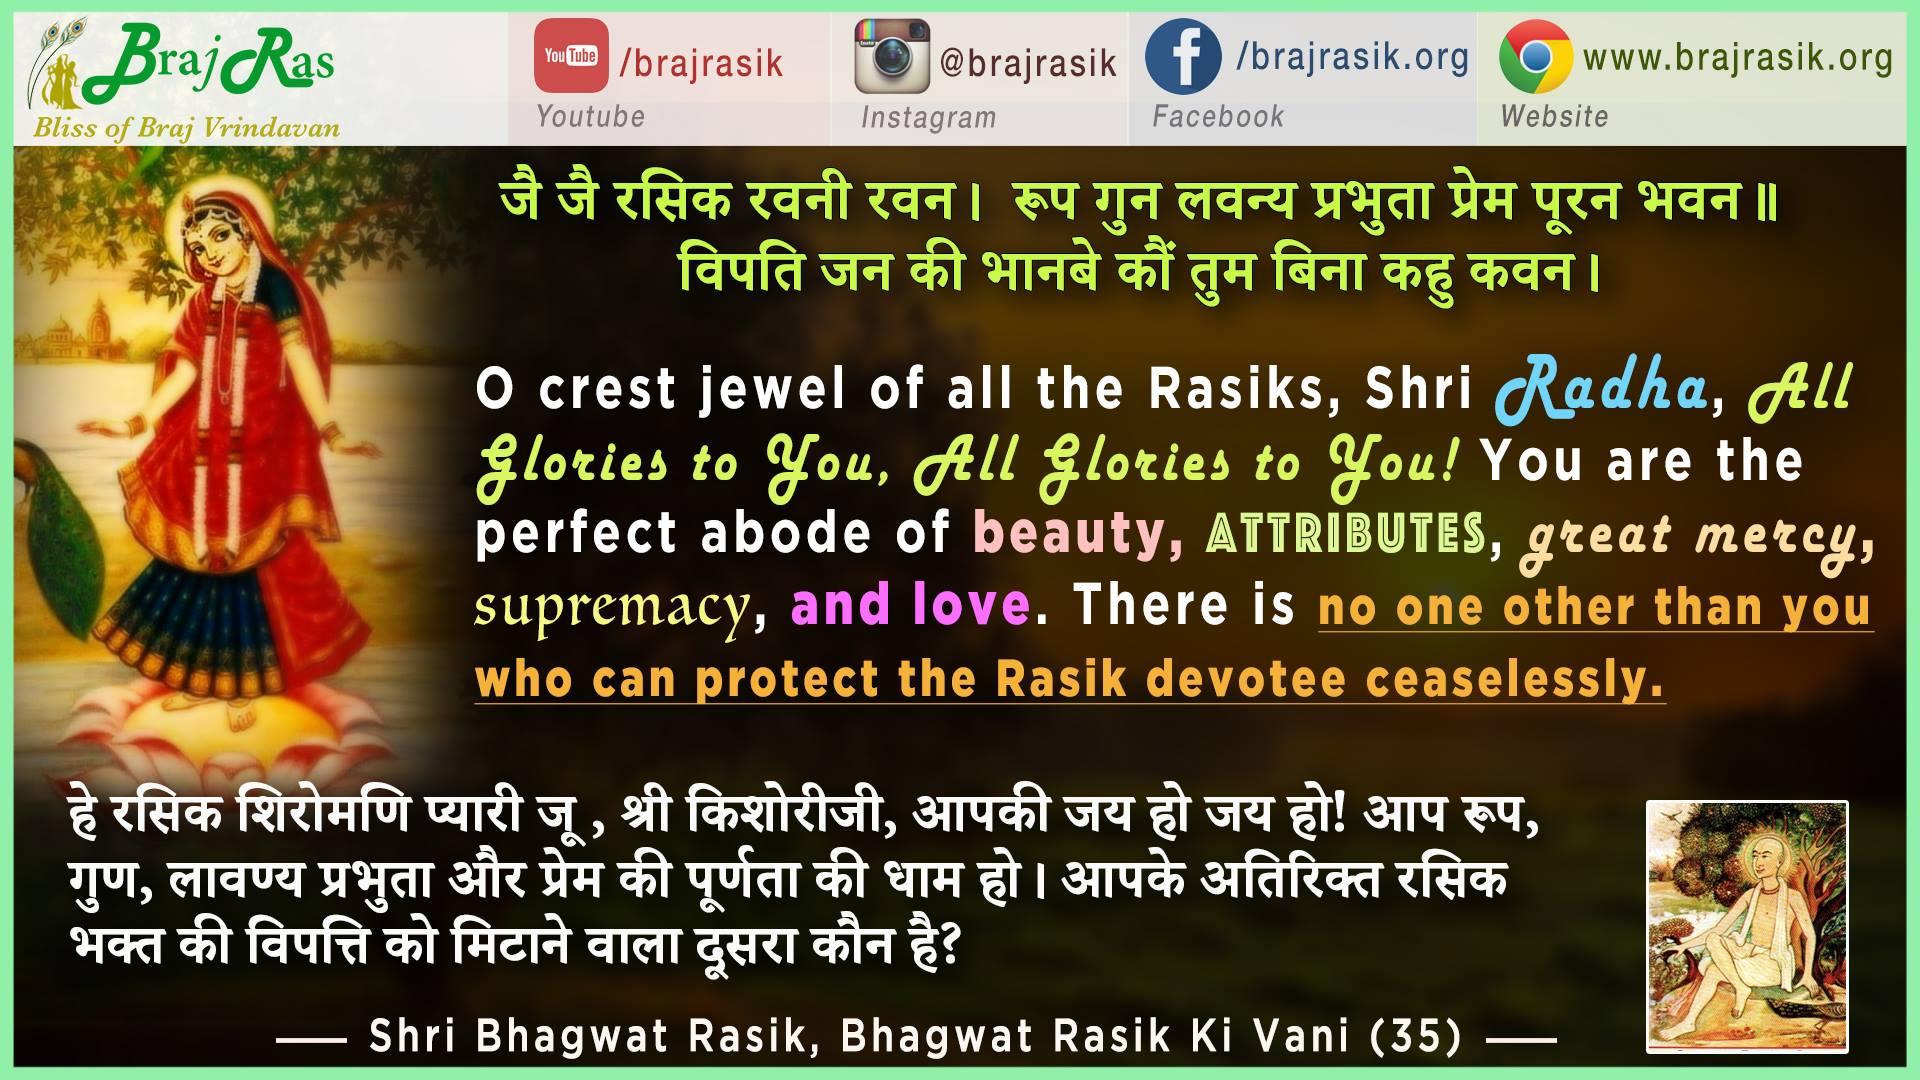 Jai Jai Rasik Ravani Ravan - Shri Bhagwat Rasik, Bhagwat Rasik Ki Vani (35)